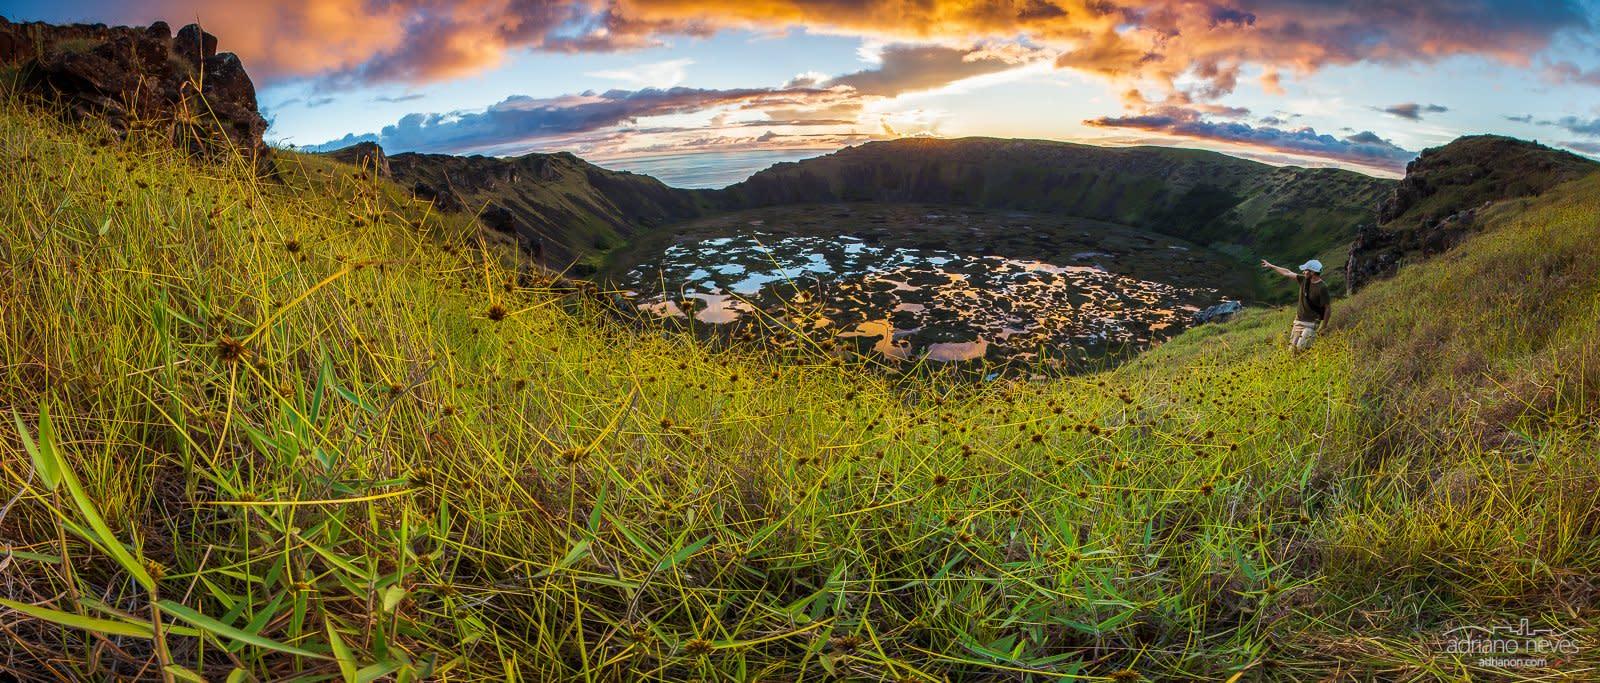 Ranu Kao Volcano - Chile, Rapa Nui